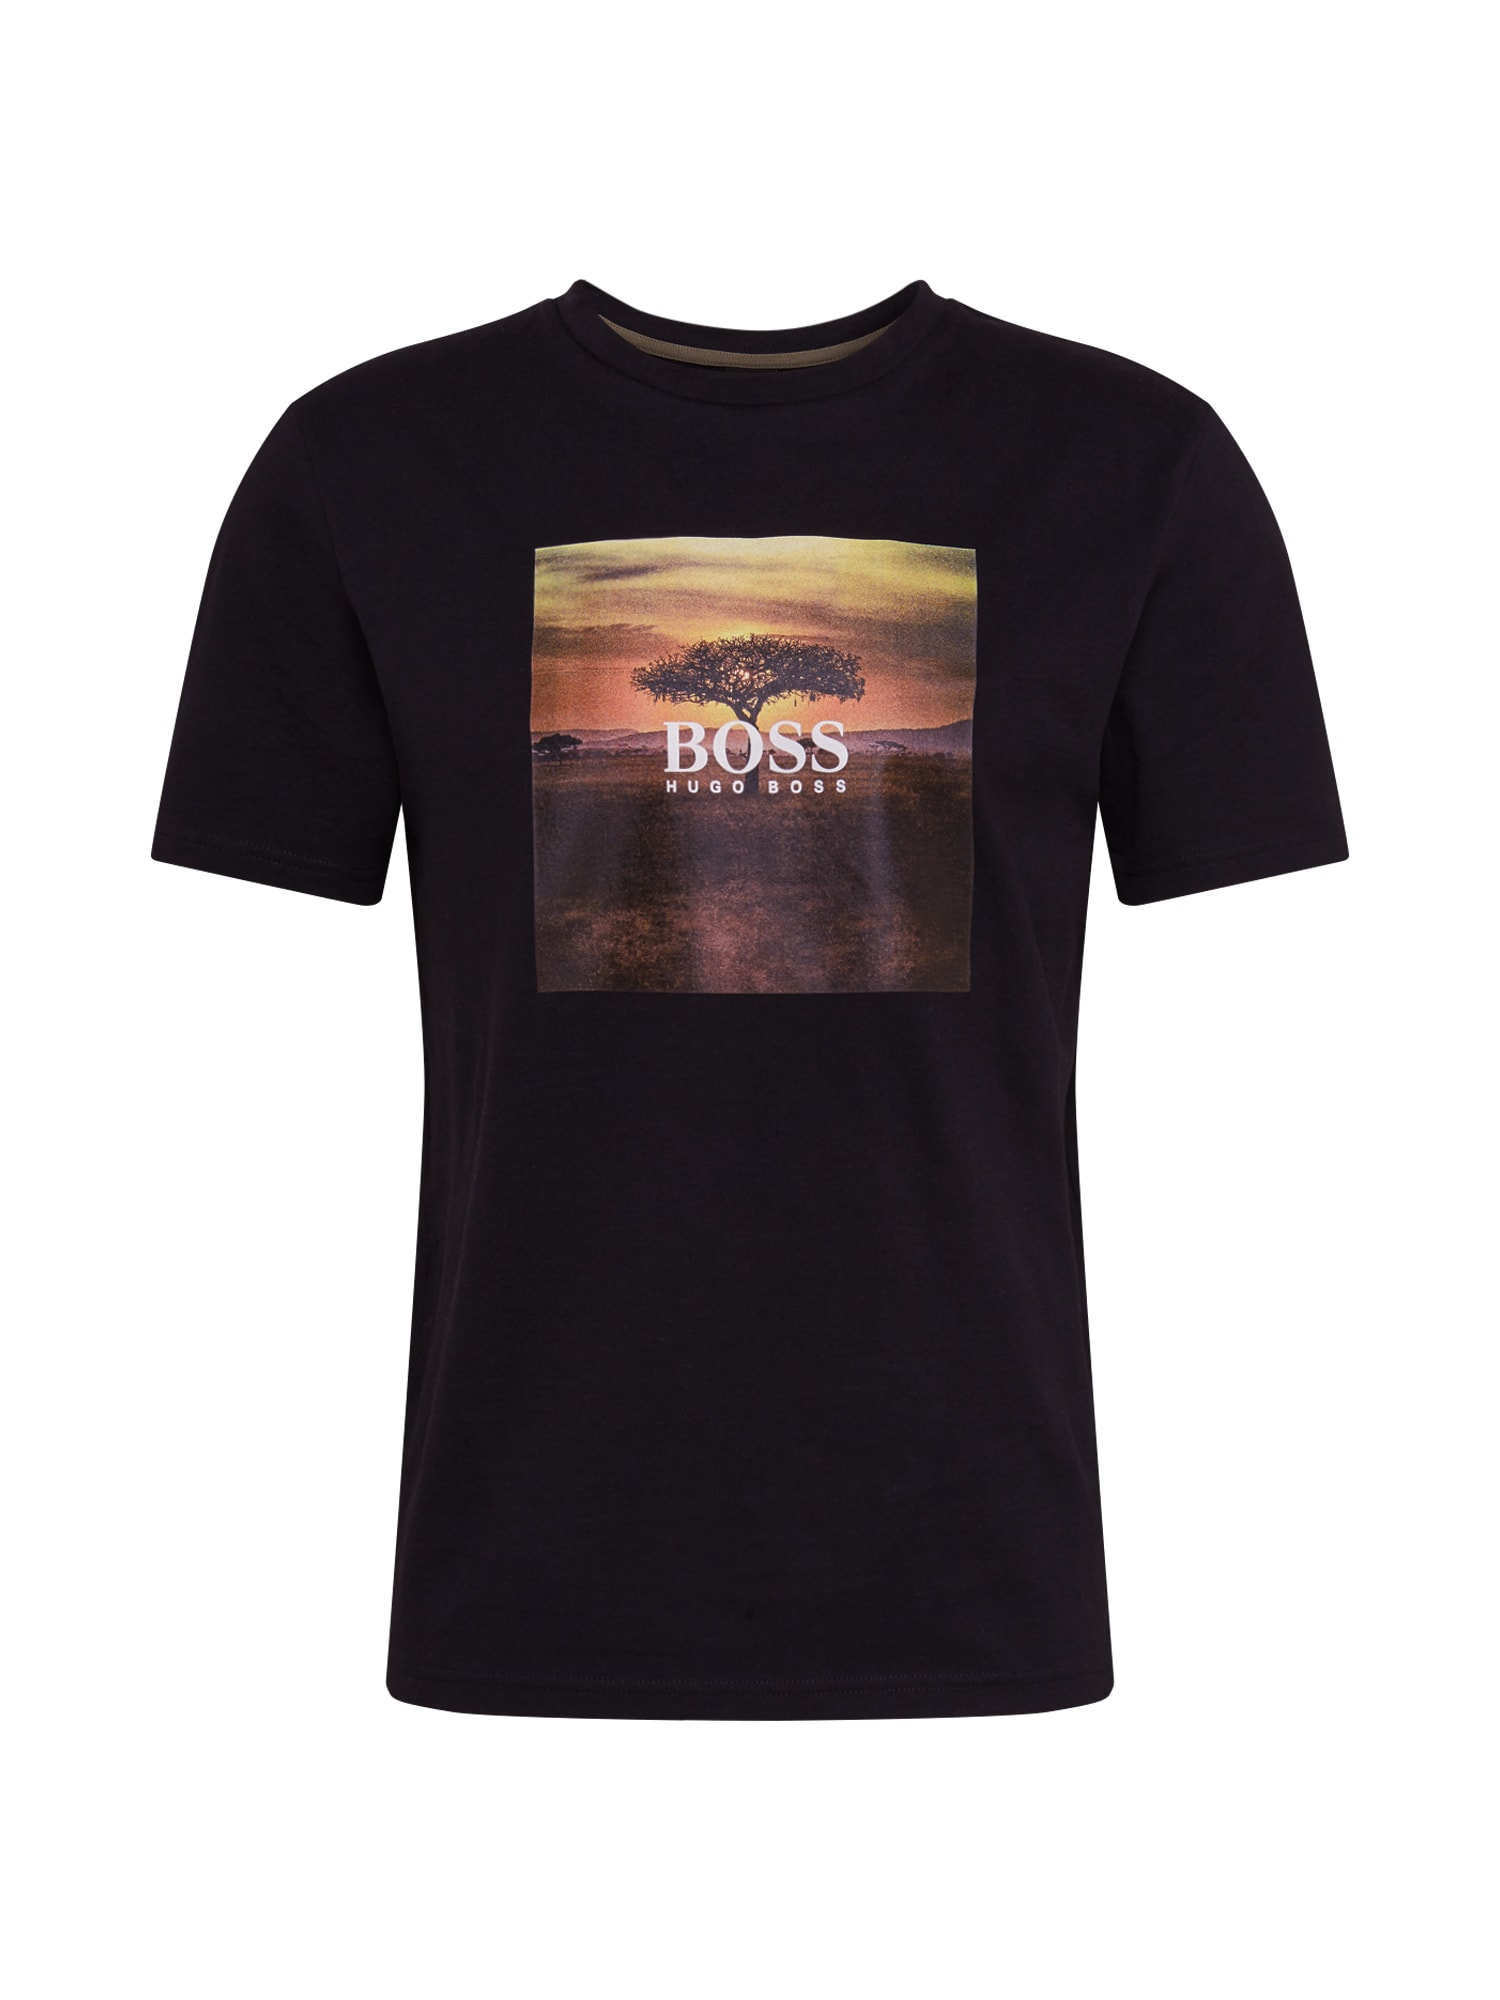 BOSS Marškinėliai 'Troaar 5' mišrios spalvos / juoda